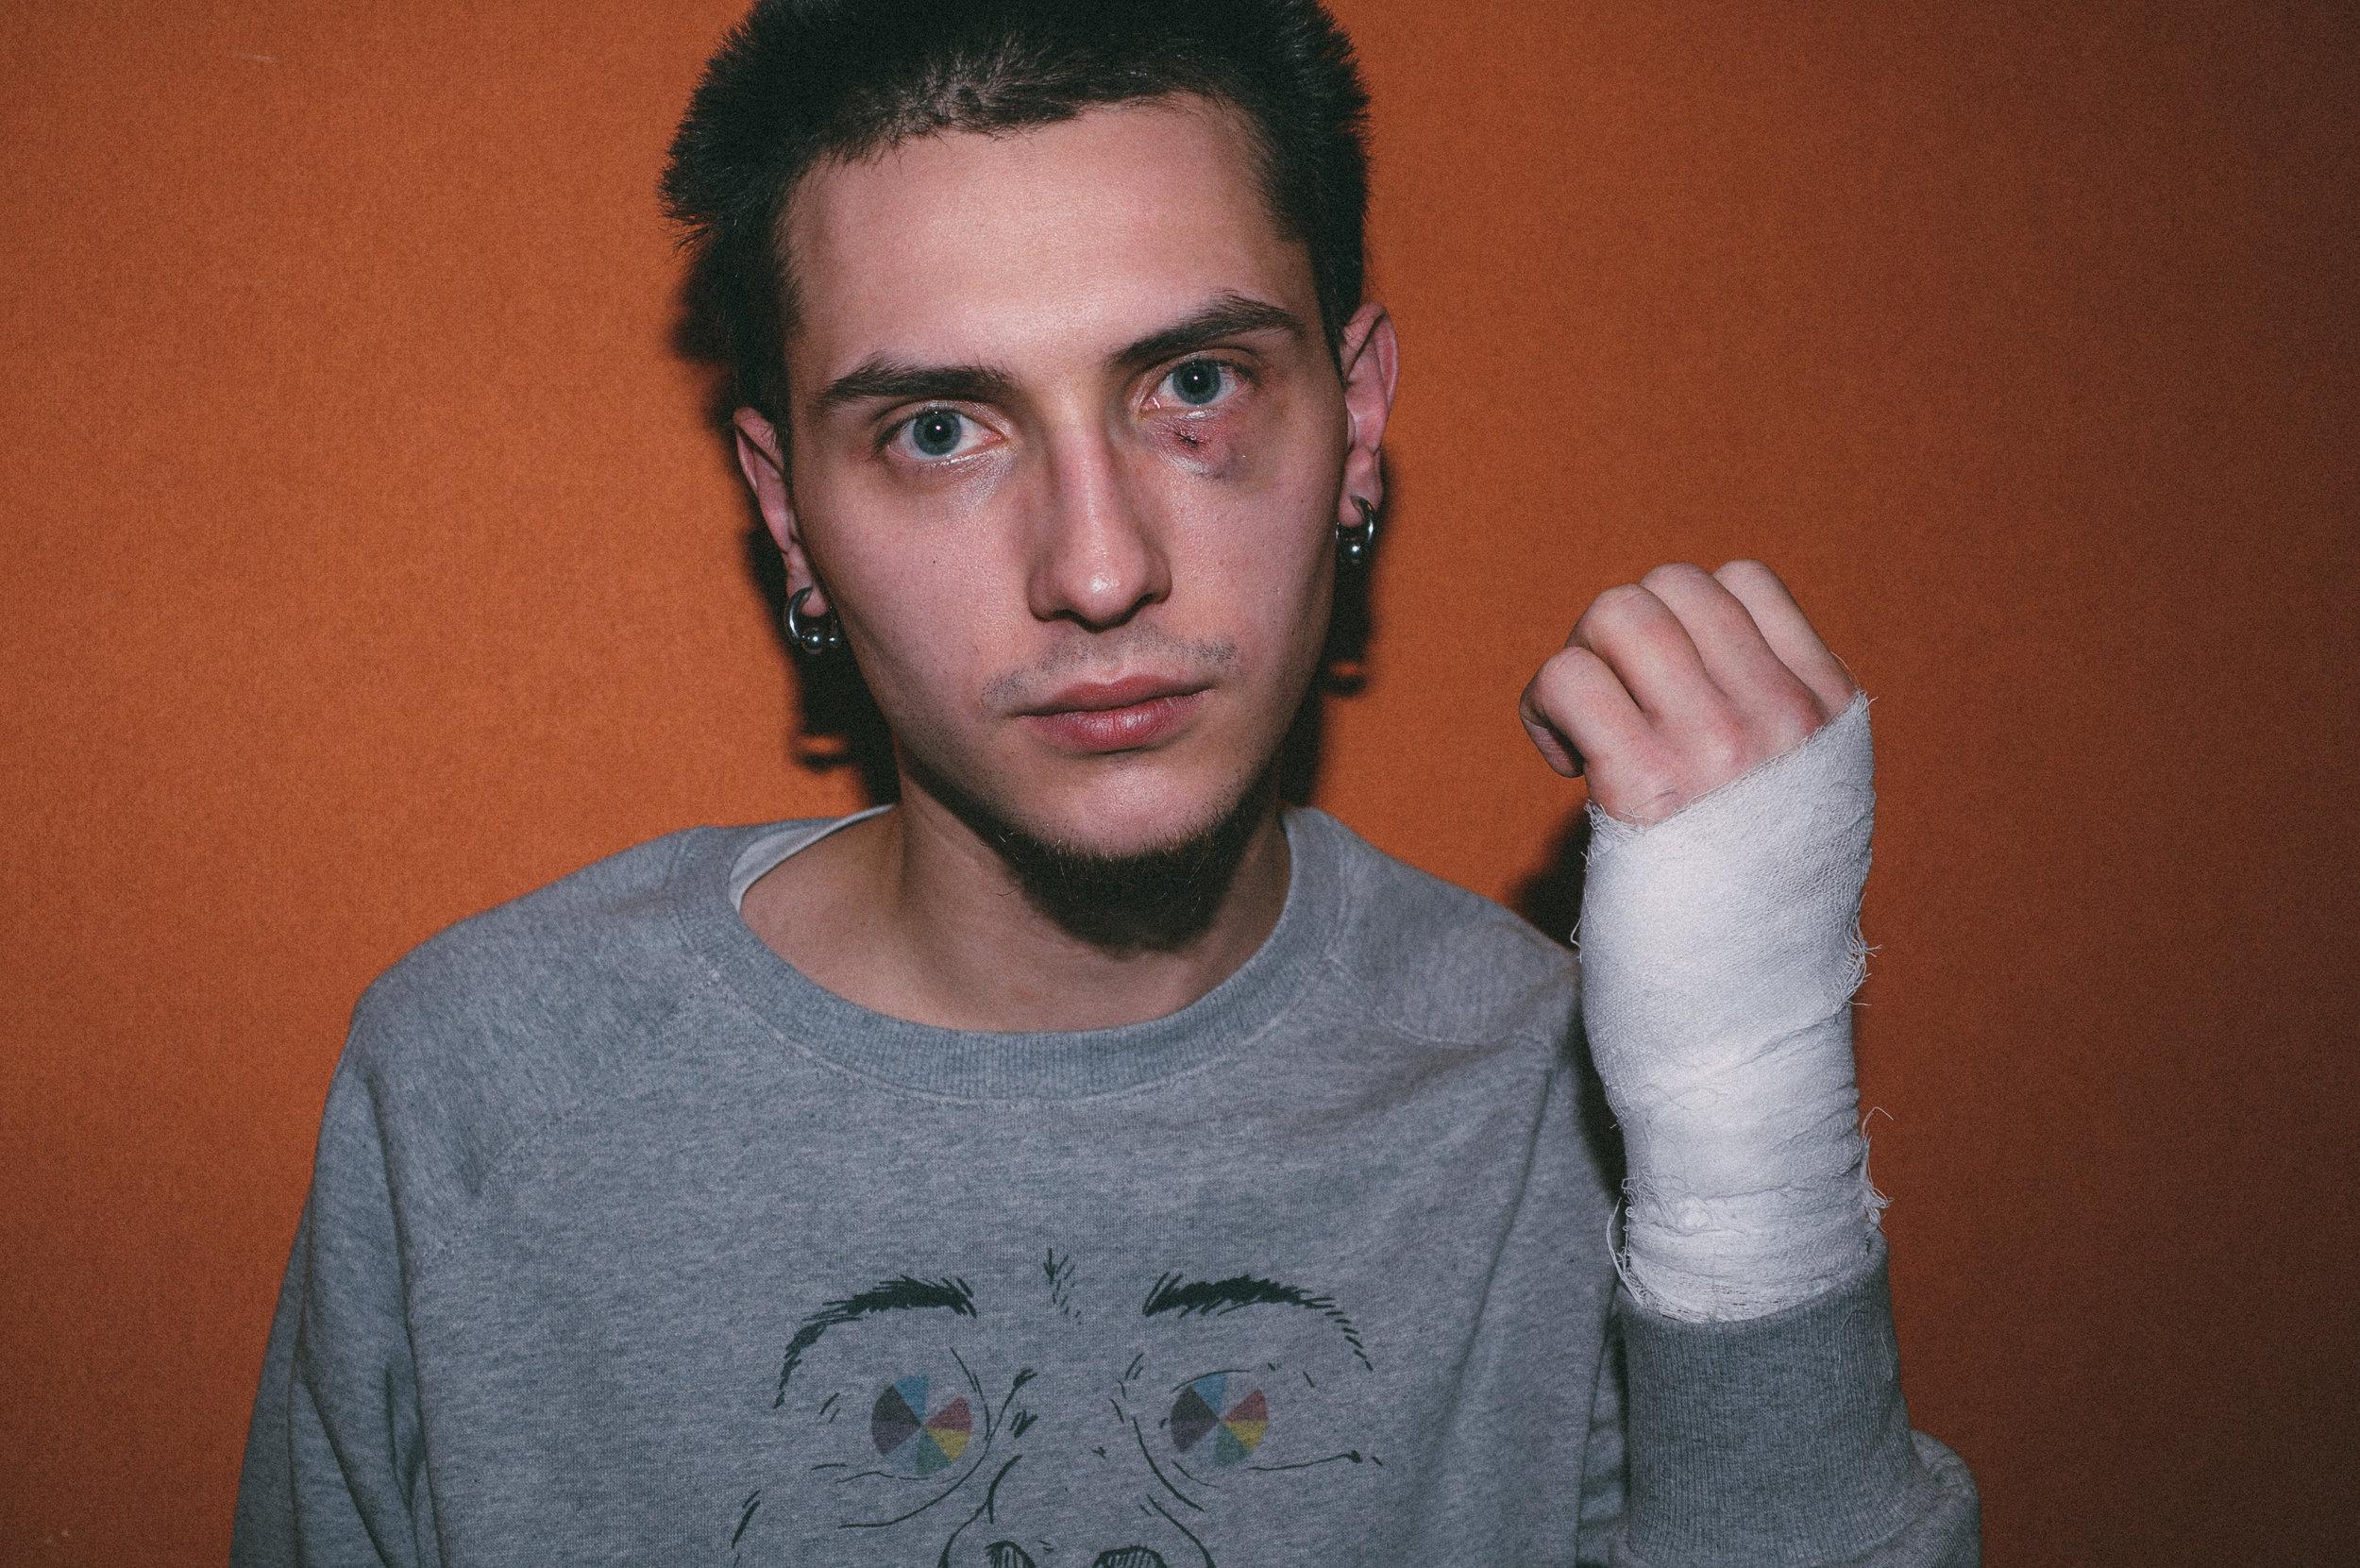 Anatoli Ulyanov after the second attack (March 13, 2009) / Photo by Natasha Masharova